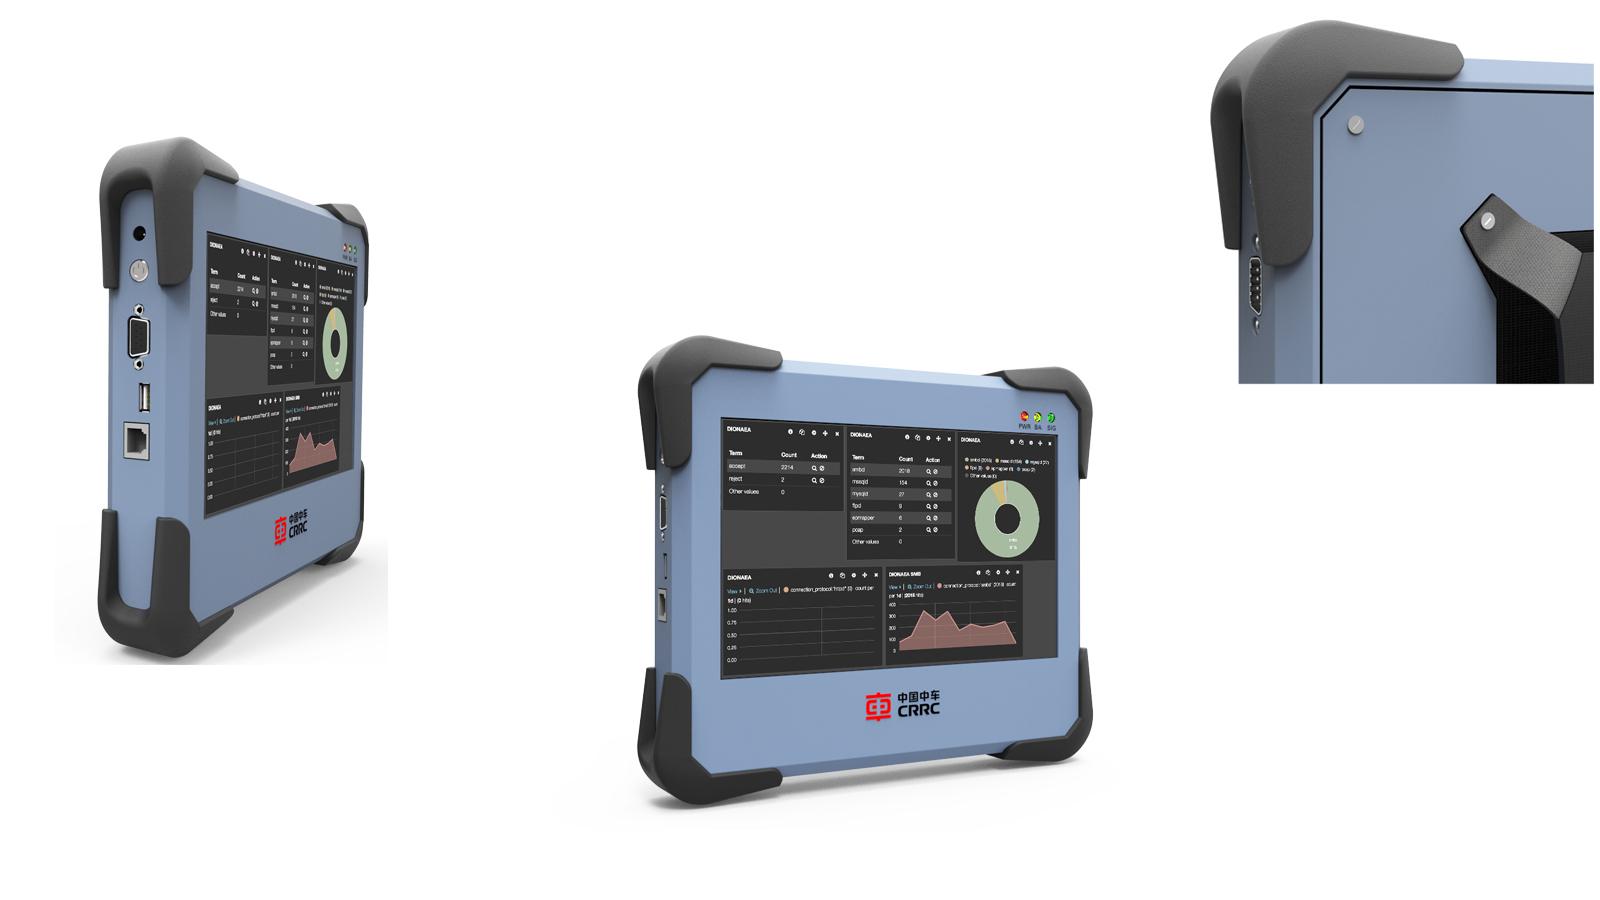 仪器仪表工业设计测试实验室安防手持机箱平板电力水质检测设备